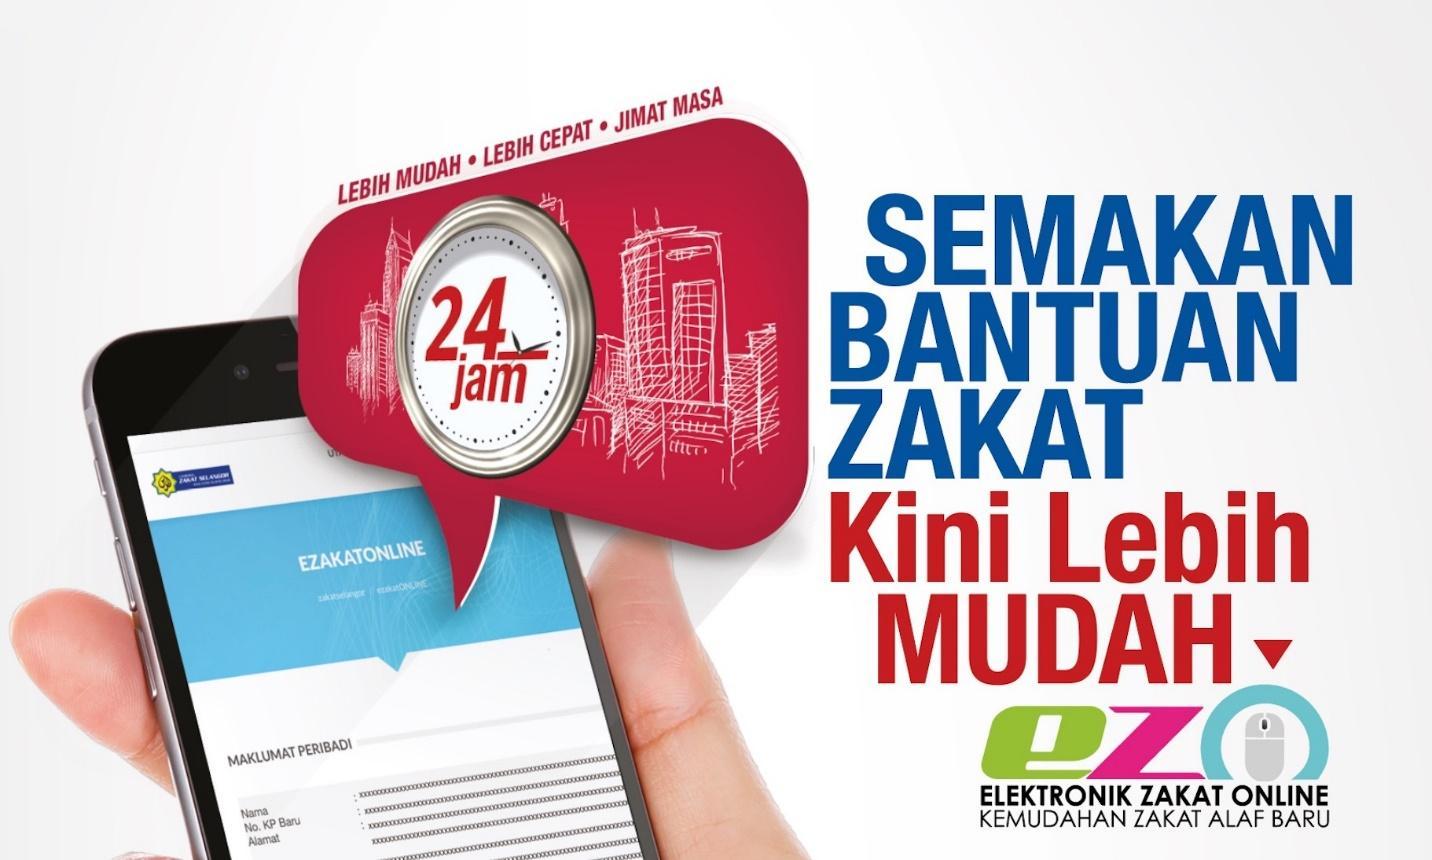 Semakan Bantuan Zakat - Lembaga Zakat Selangor